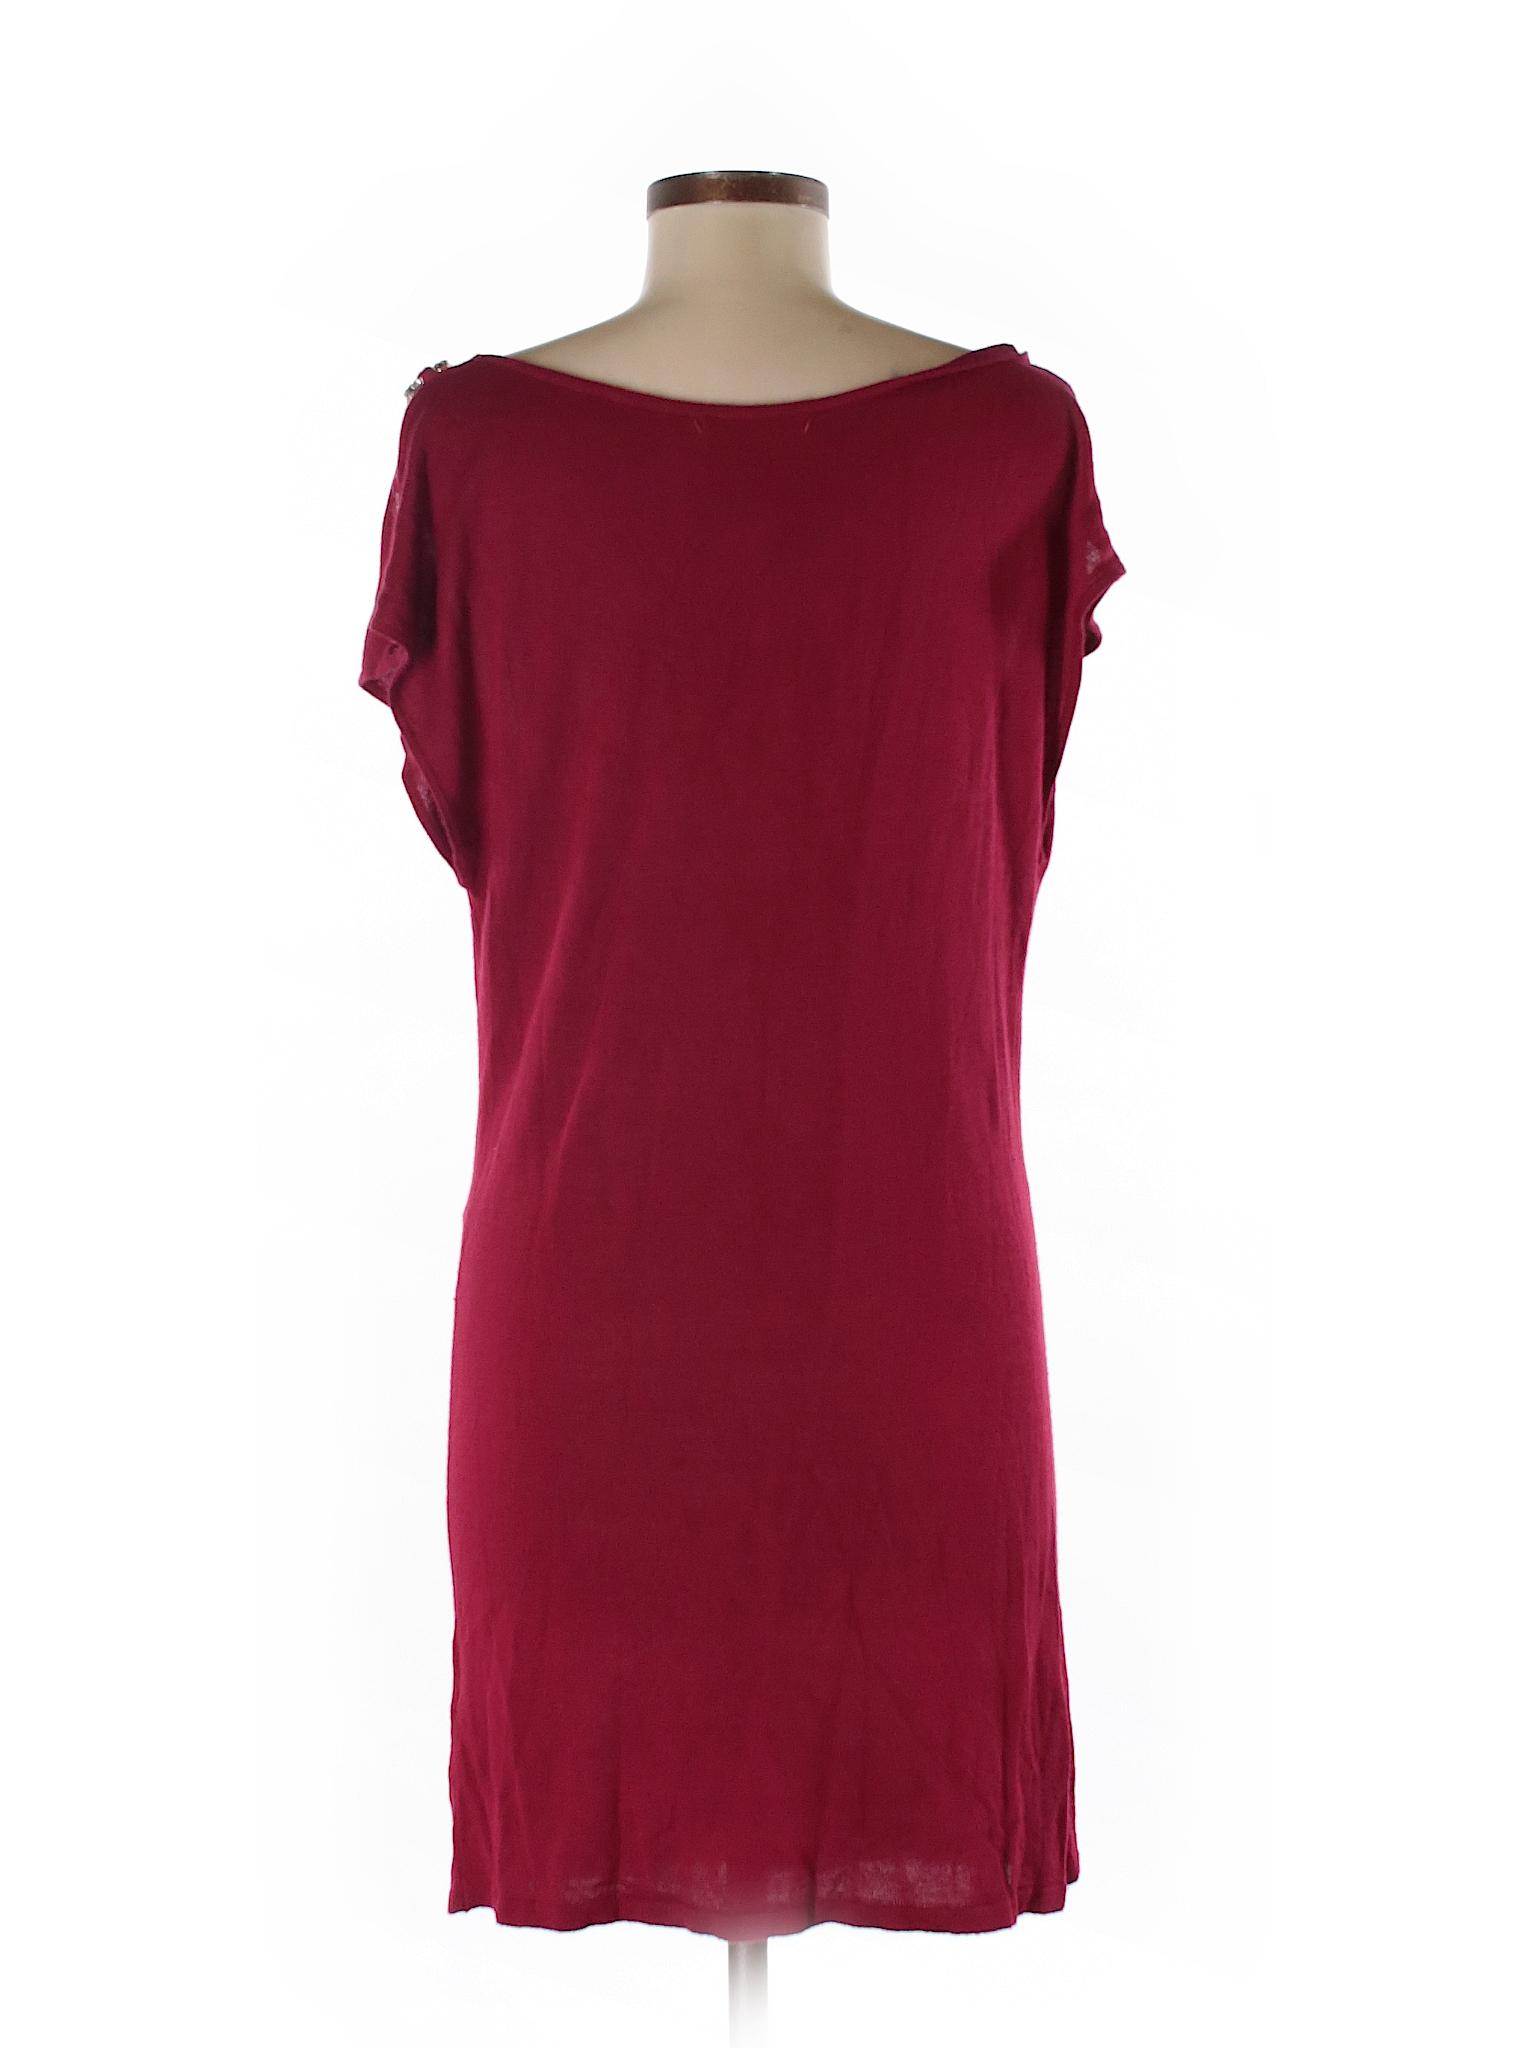 Boutique Belldini Casual Dress Boutique Casual Boutique Belldini Dress winter winter dwqZfn8d